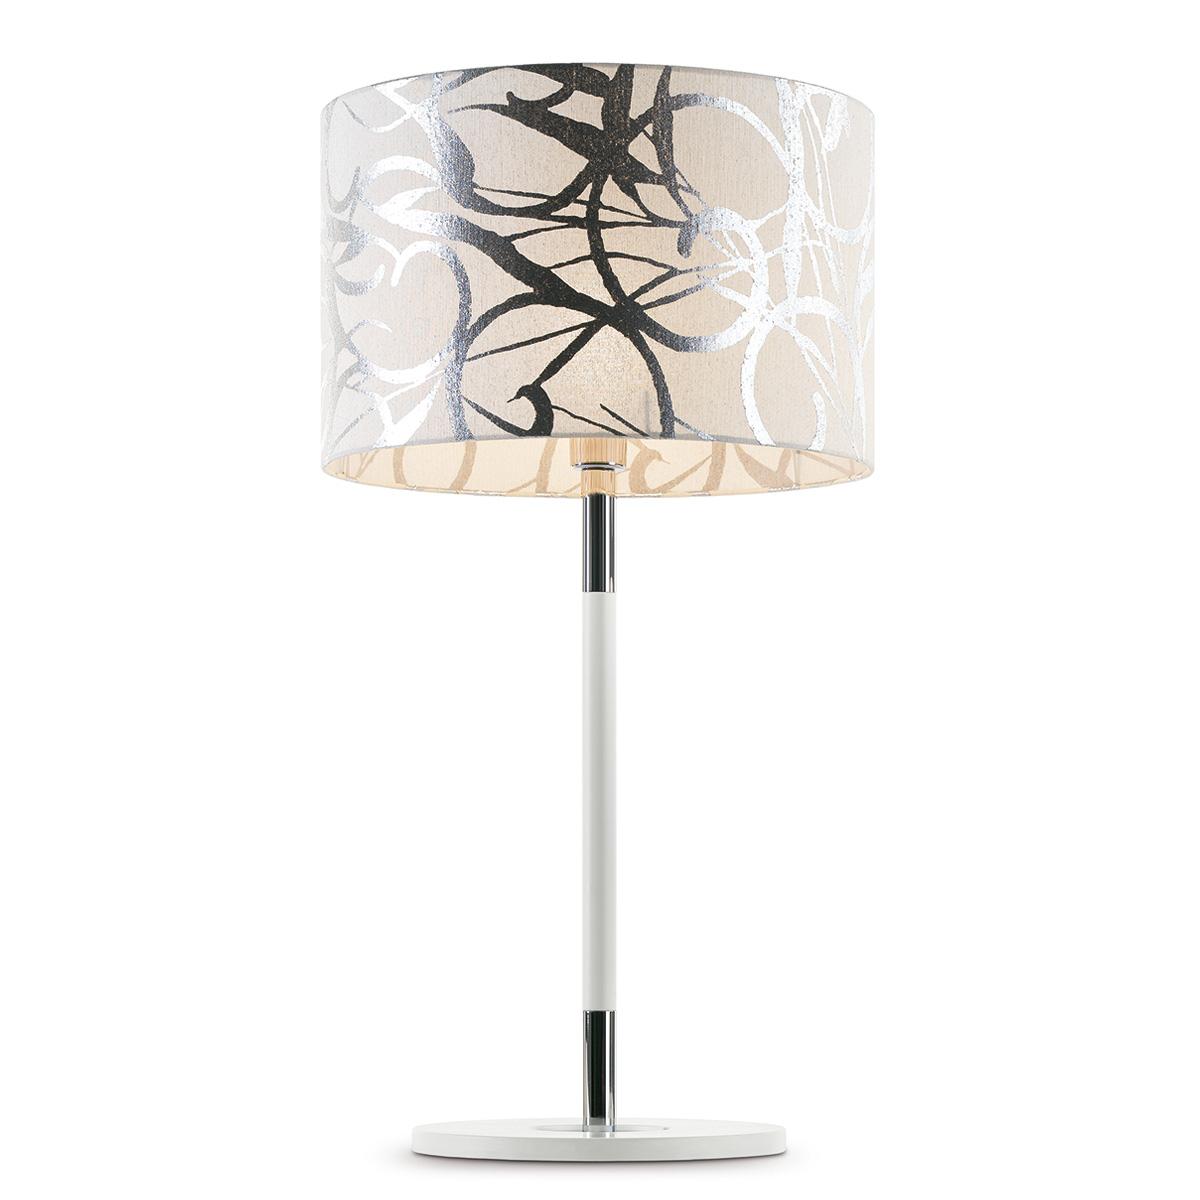 Μοντέρνα επιτραπέζια λάμπα DISK II table lamp